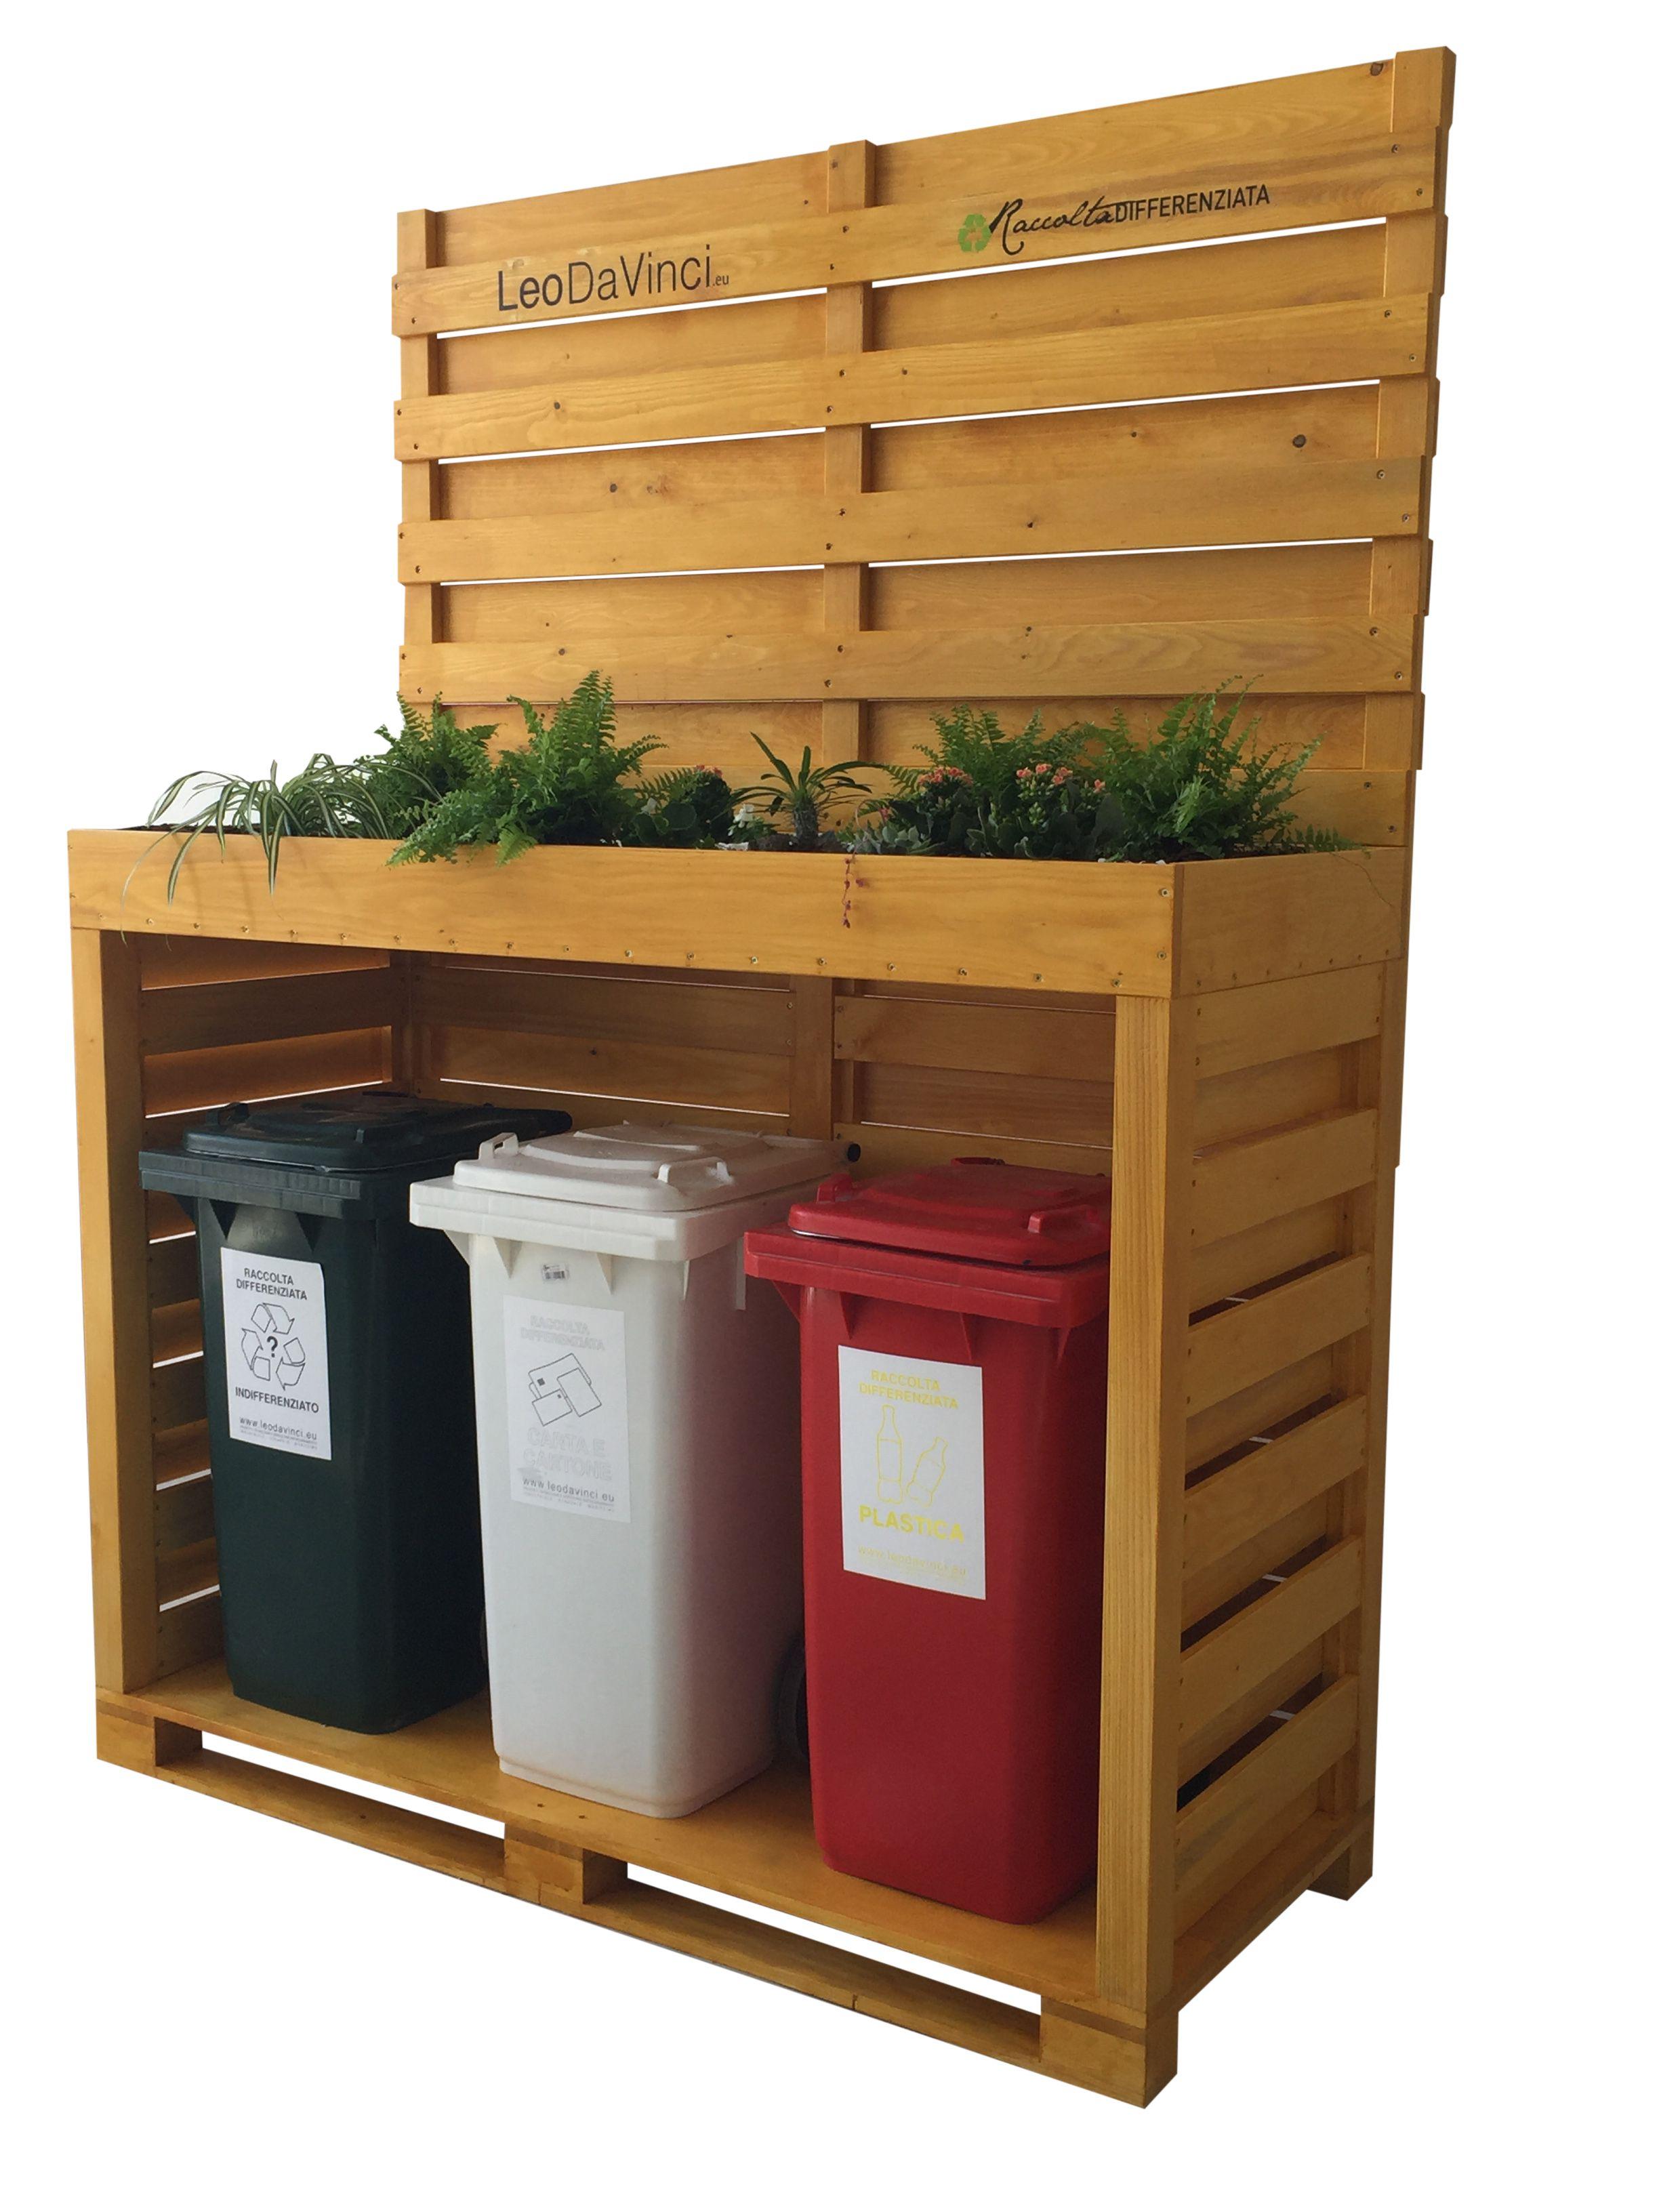 Cestini Raccolta Differenziata Casa copertura in legno per bidoni raccolta differenziata (con